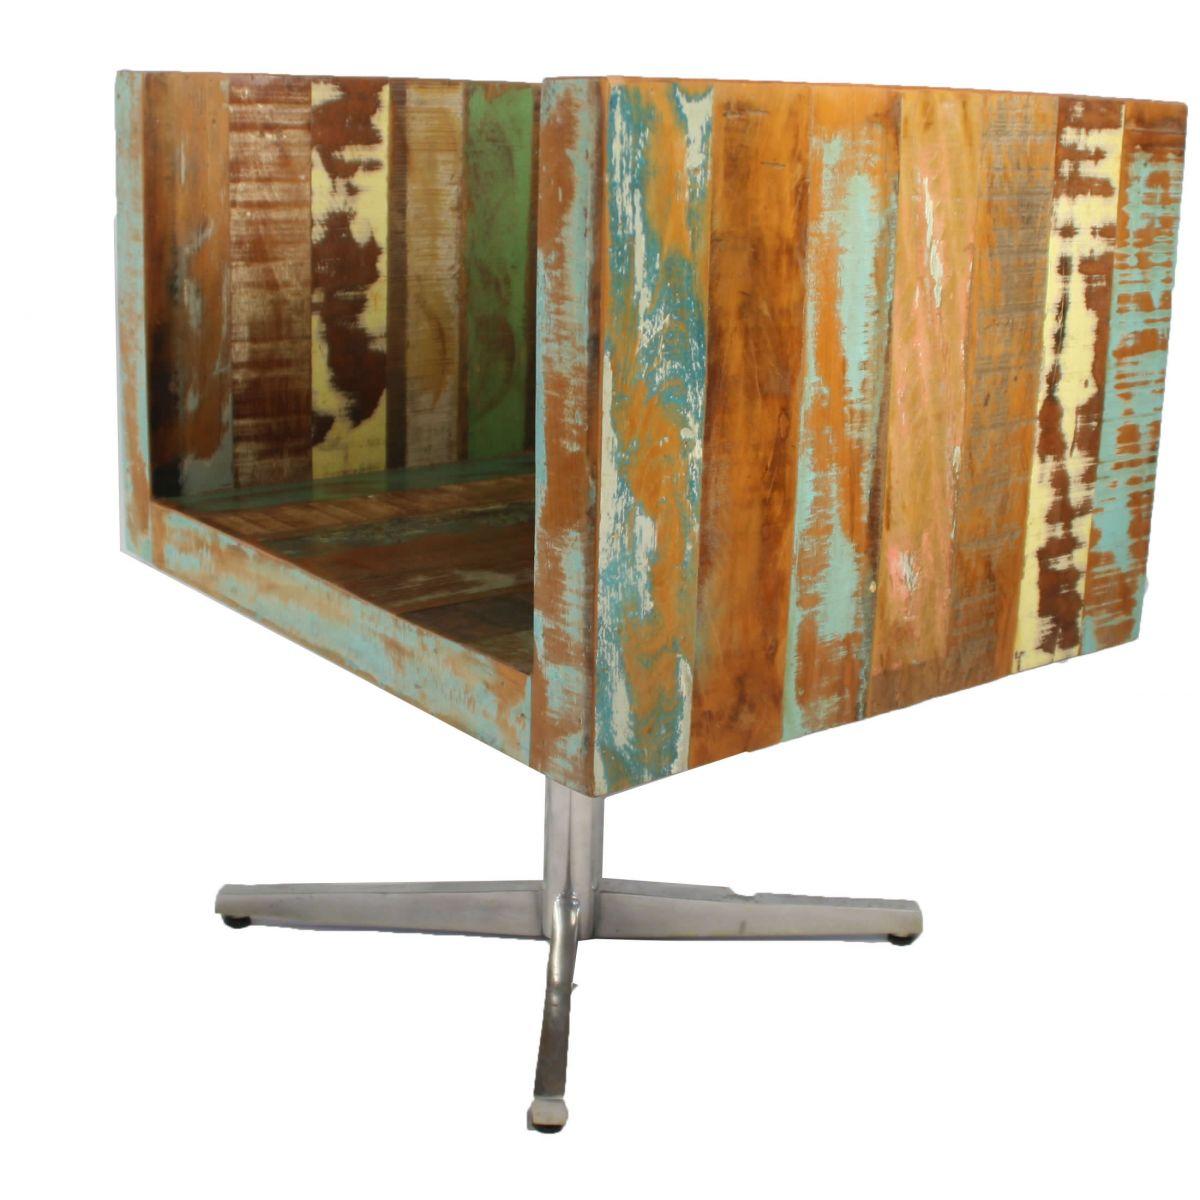 Poltrona Giratória Colorida Medindo 0,67 x 0,56 Em Madeira Maciça De Demolição